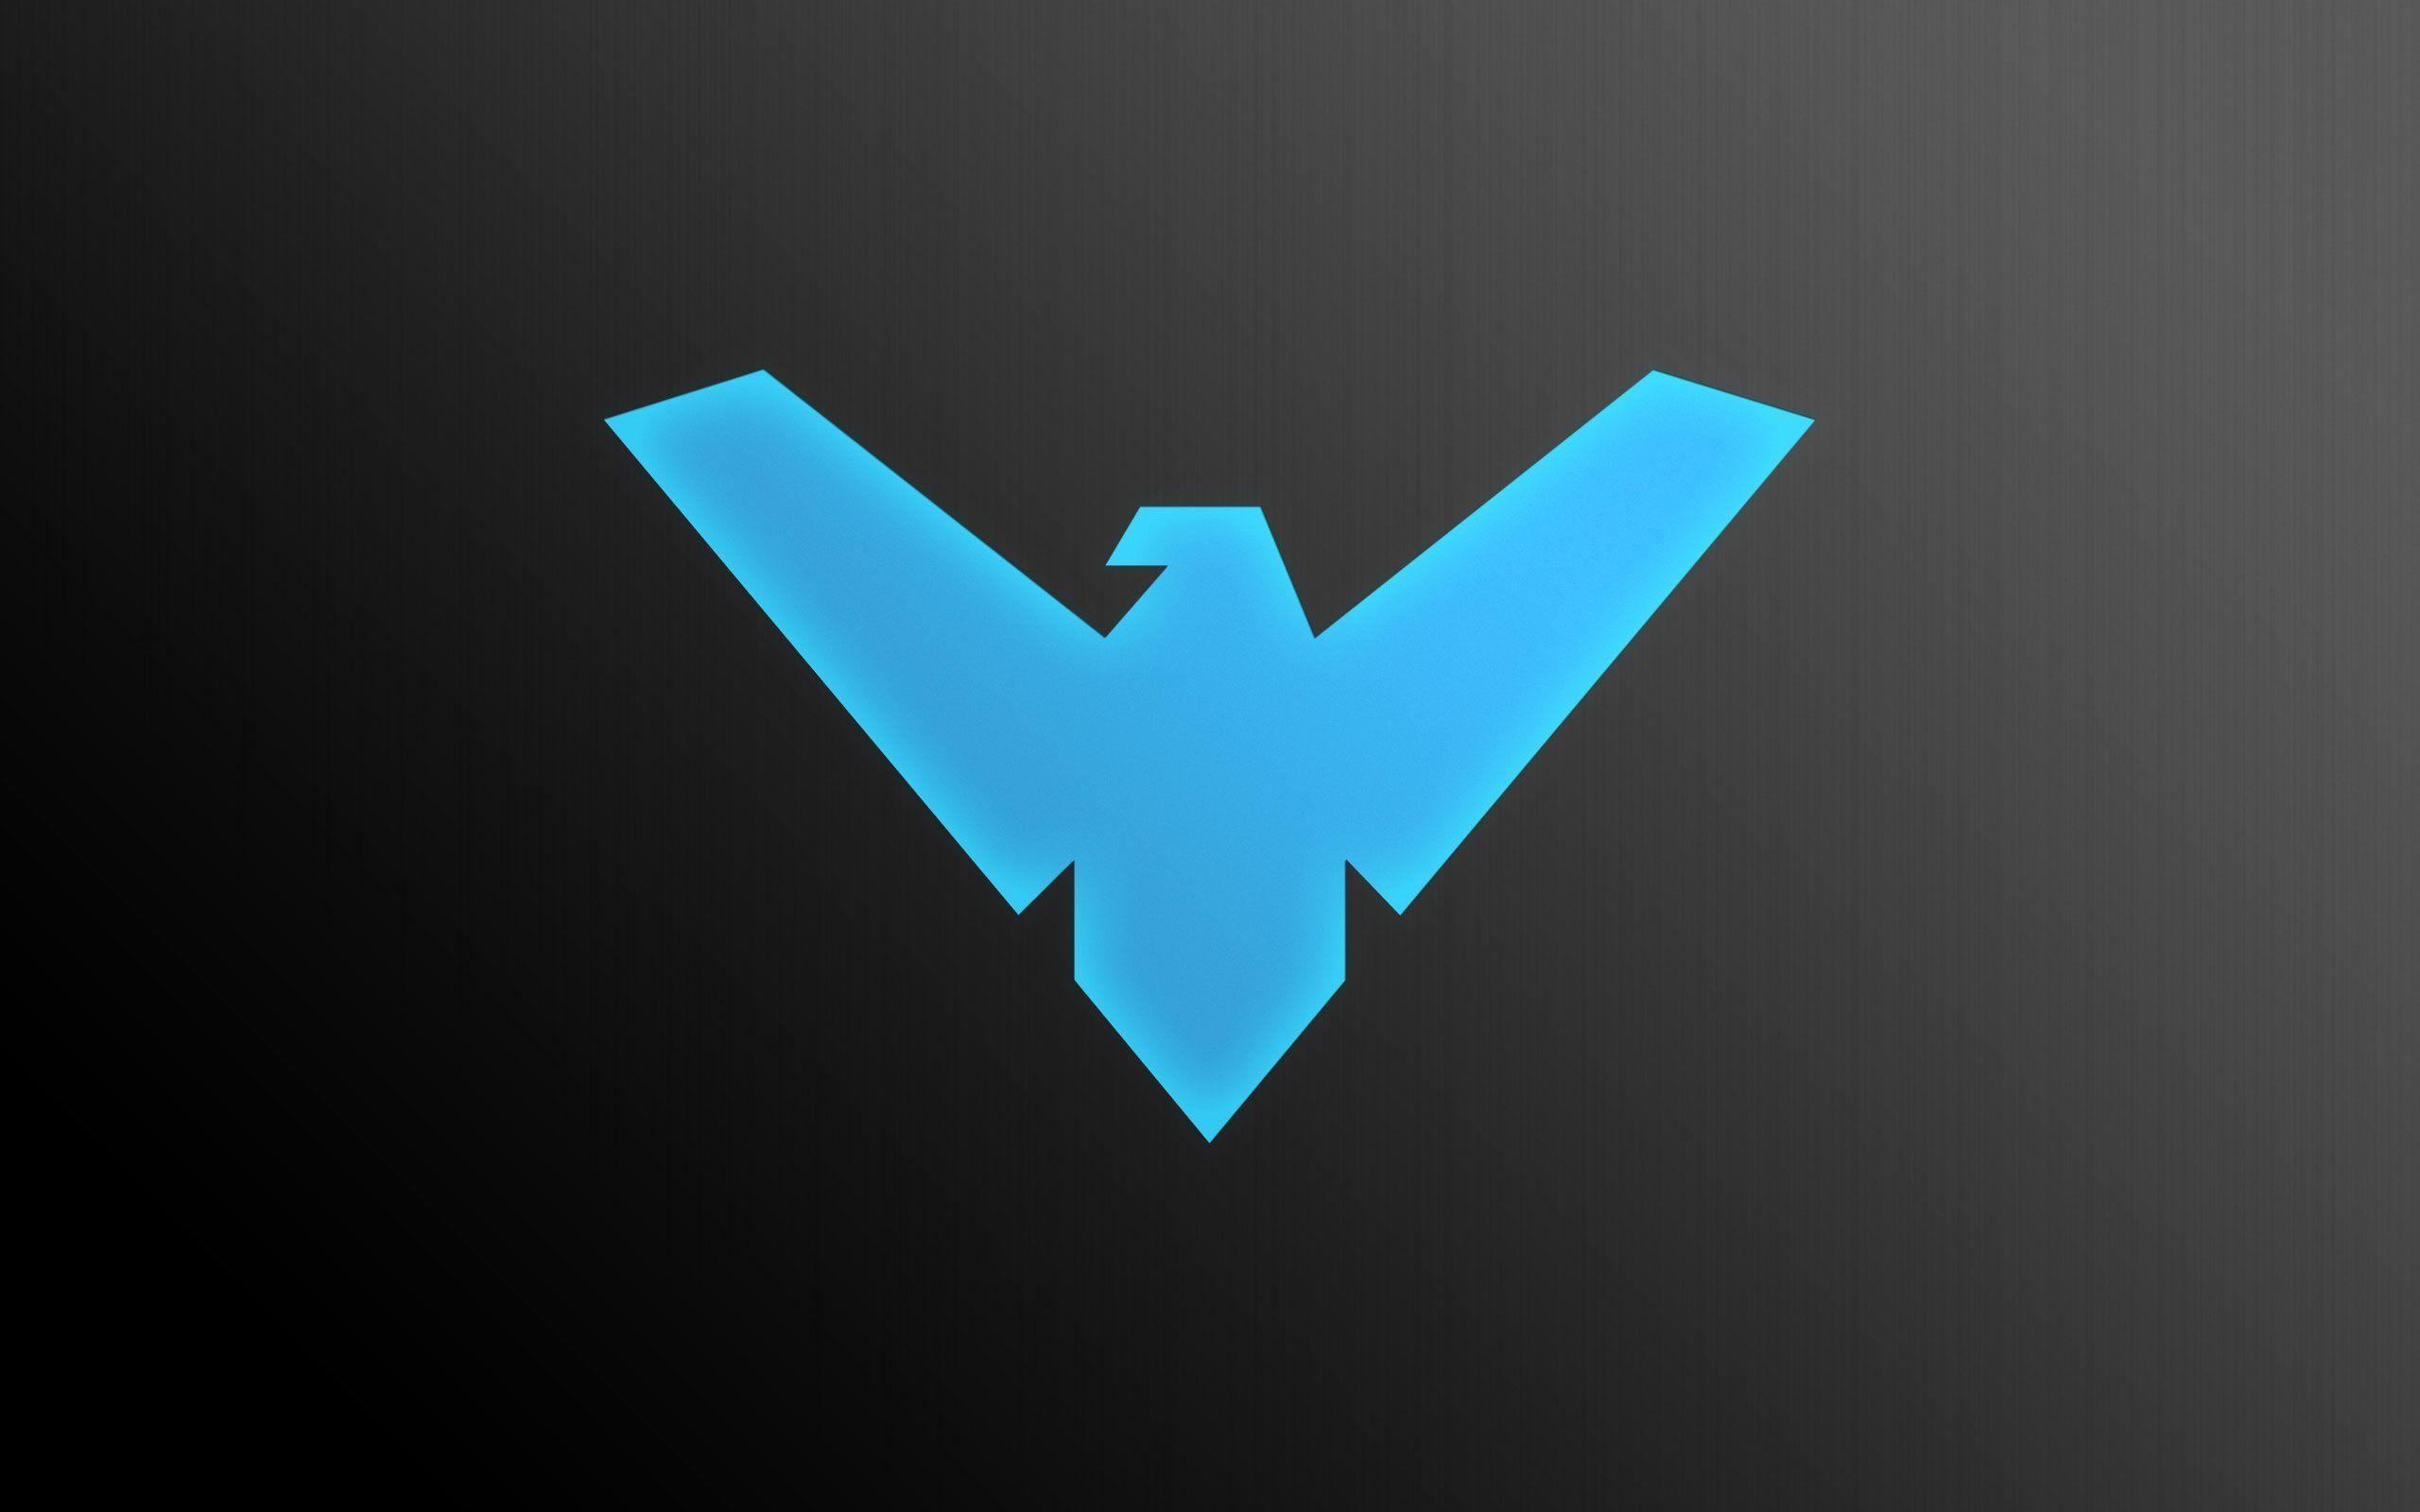 Nightwing Logo Wallpaper (79+ Images)